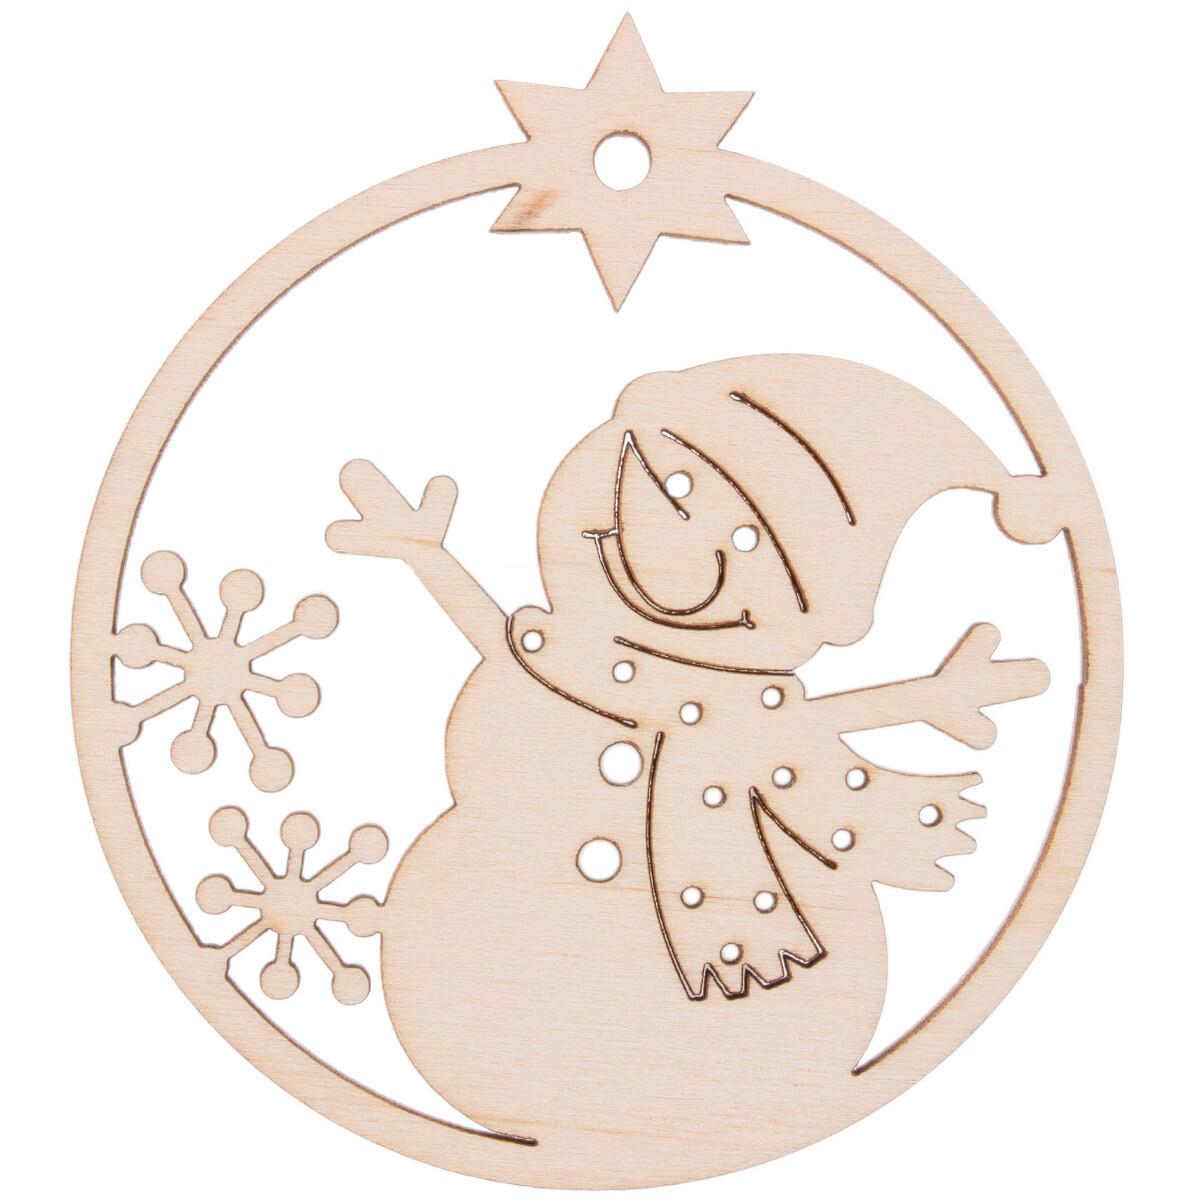 gravierter Schneemann aus Holz zum selbst gestalten, 1,40